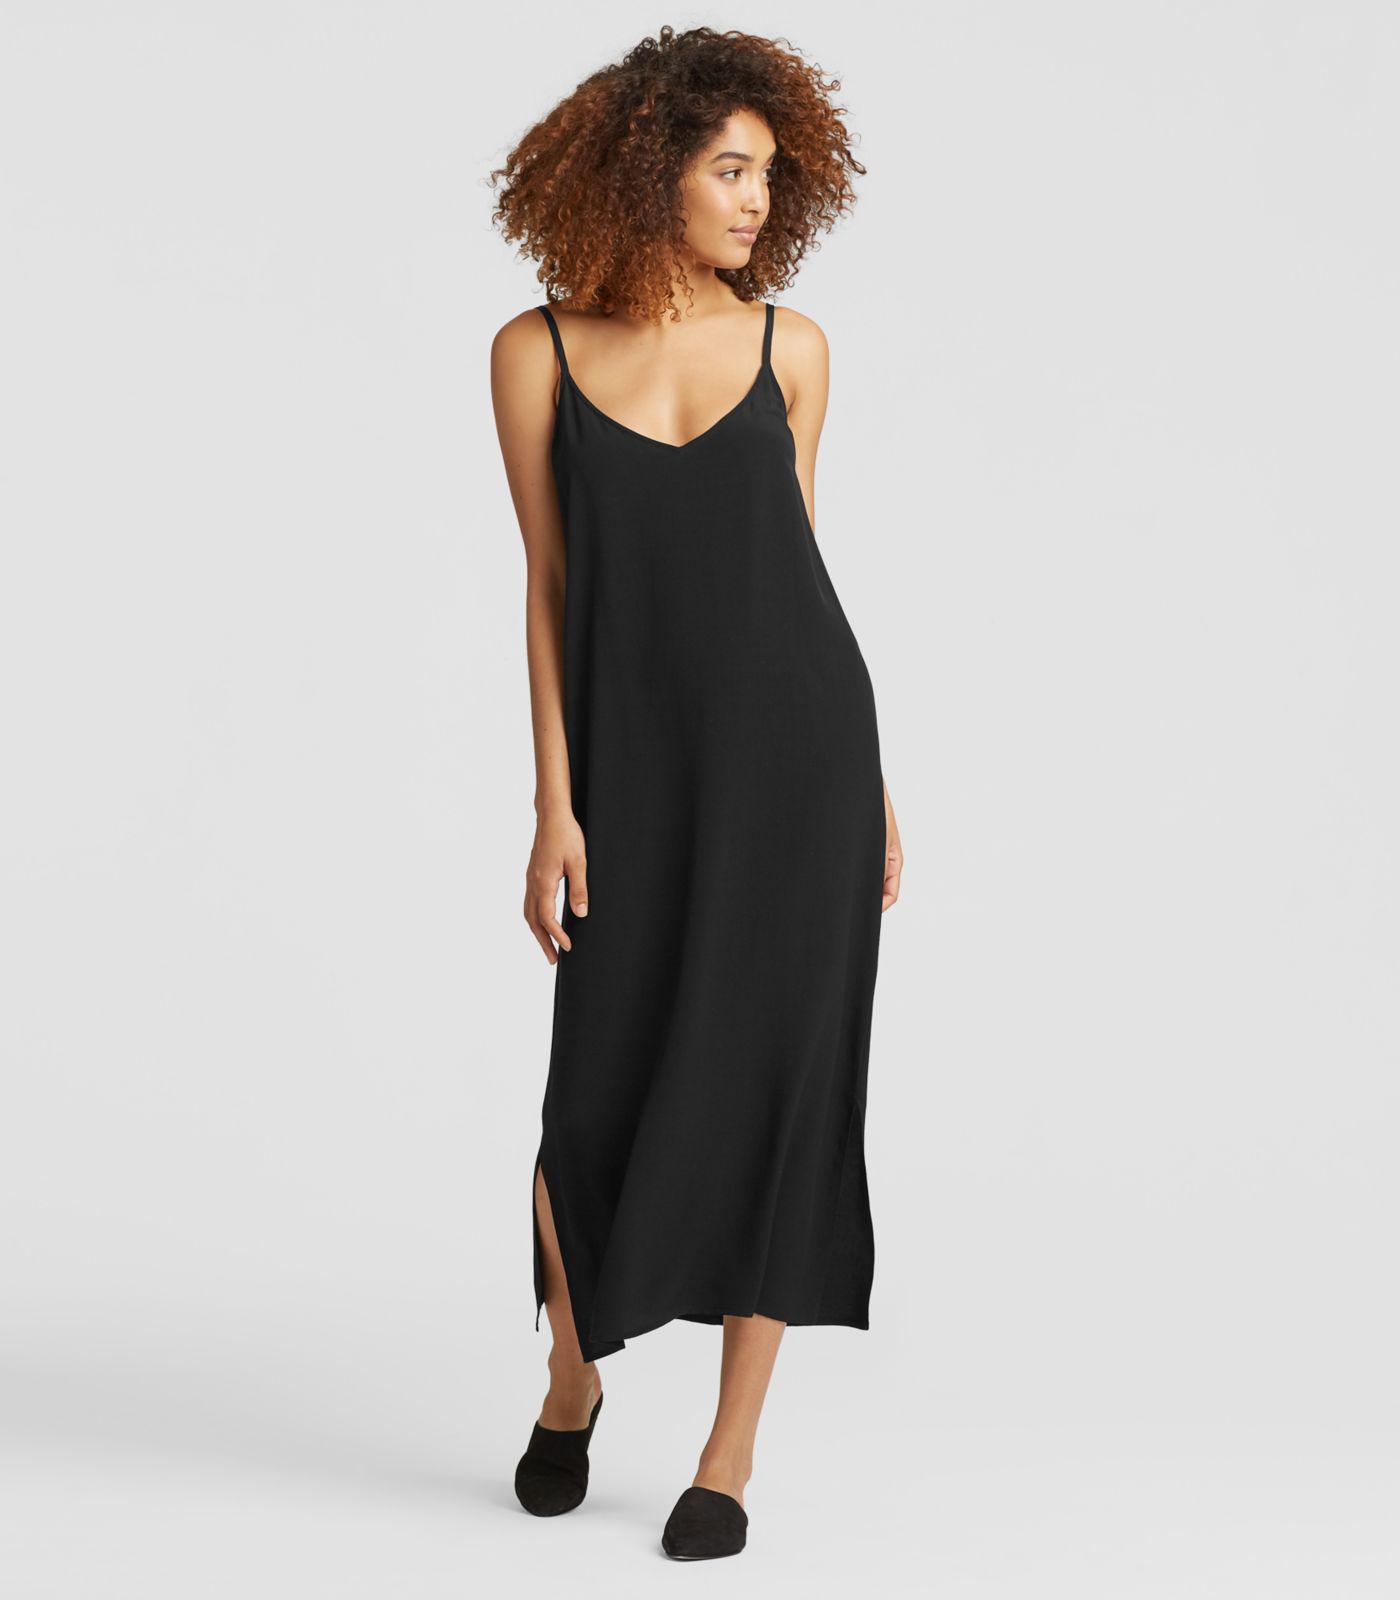 4b7a70e2ca Lyst - Eileen Fisher Viscose Crepe Slip Dress in Black